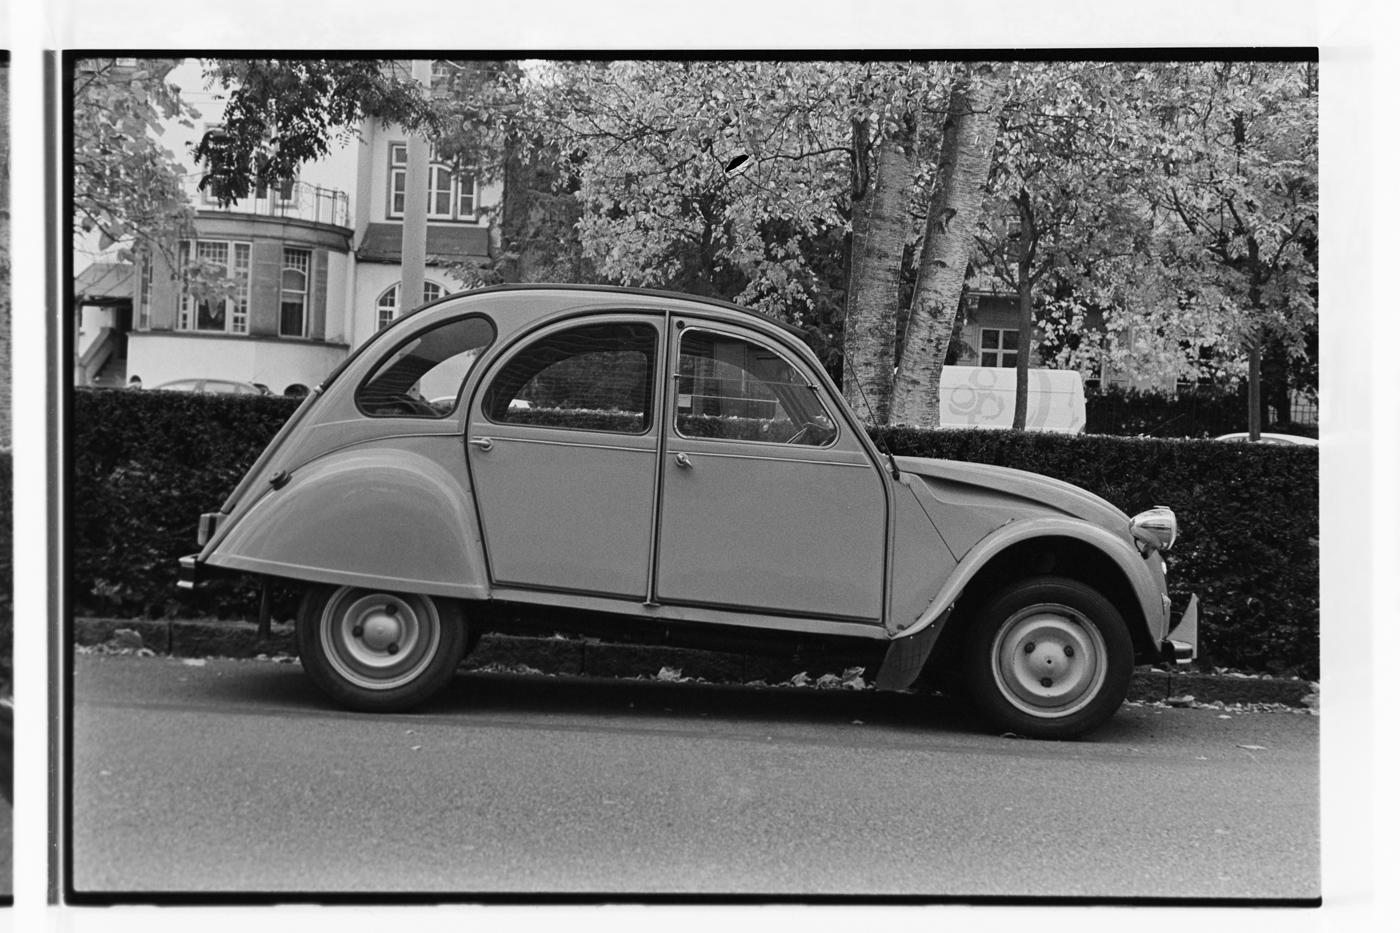 deux cheveaux classic car